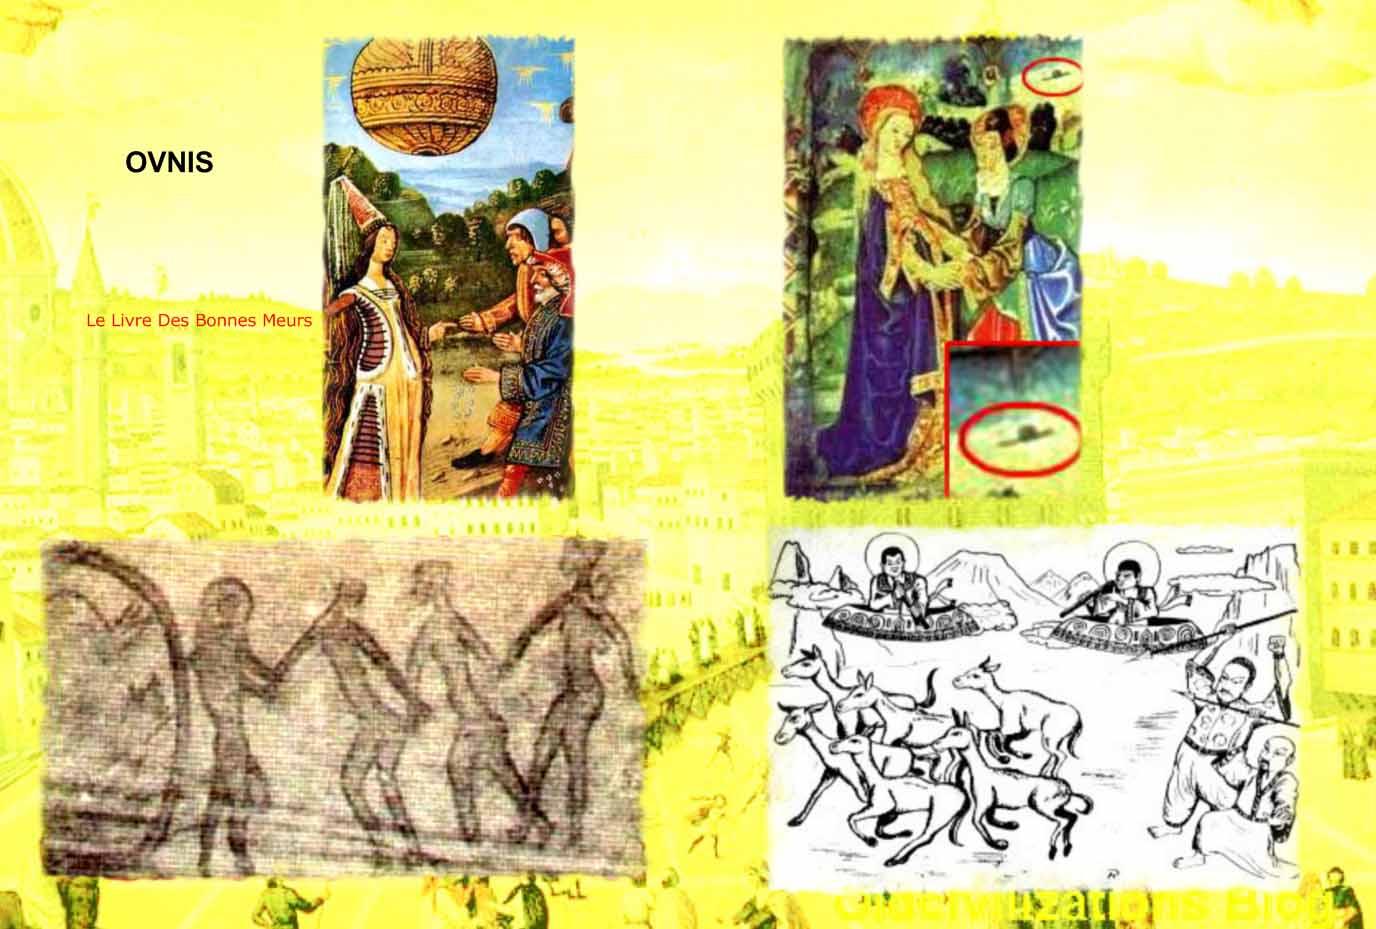 Mensajes ocultos en el arte pict rico oldcivilizations 39 s - Donde estudiar pintura ...